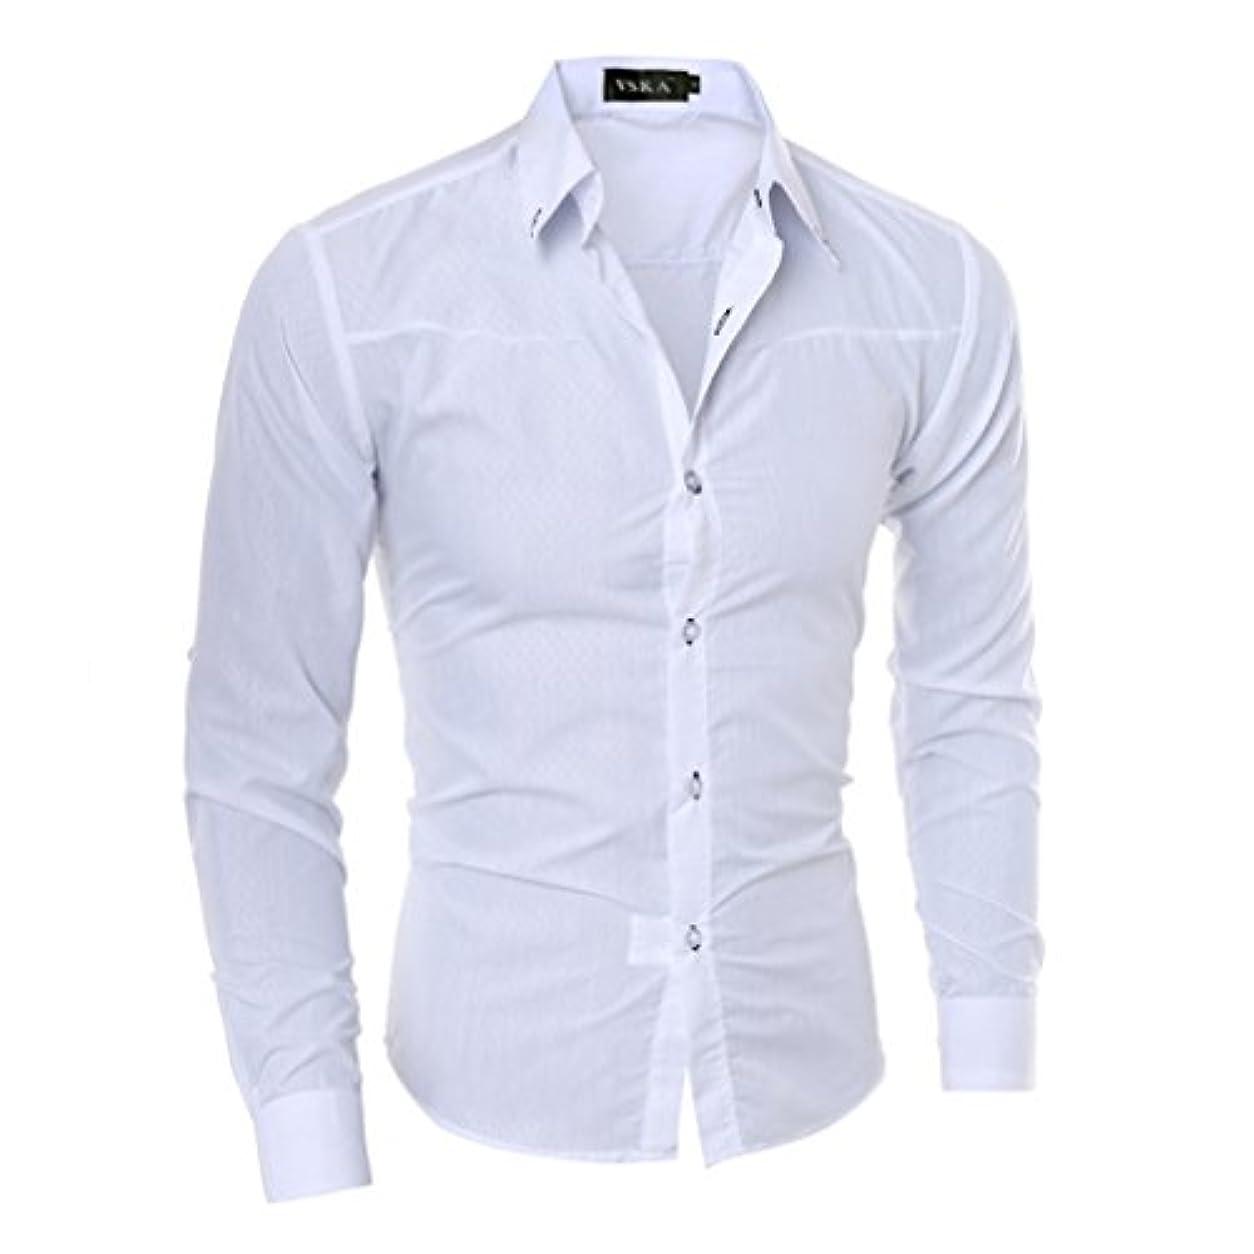 非武装化アクティビティファンシーHonghu メンズ シャツ 長袖 チェック柄 ホワイト M 1PC